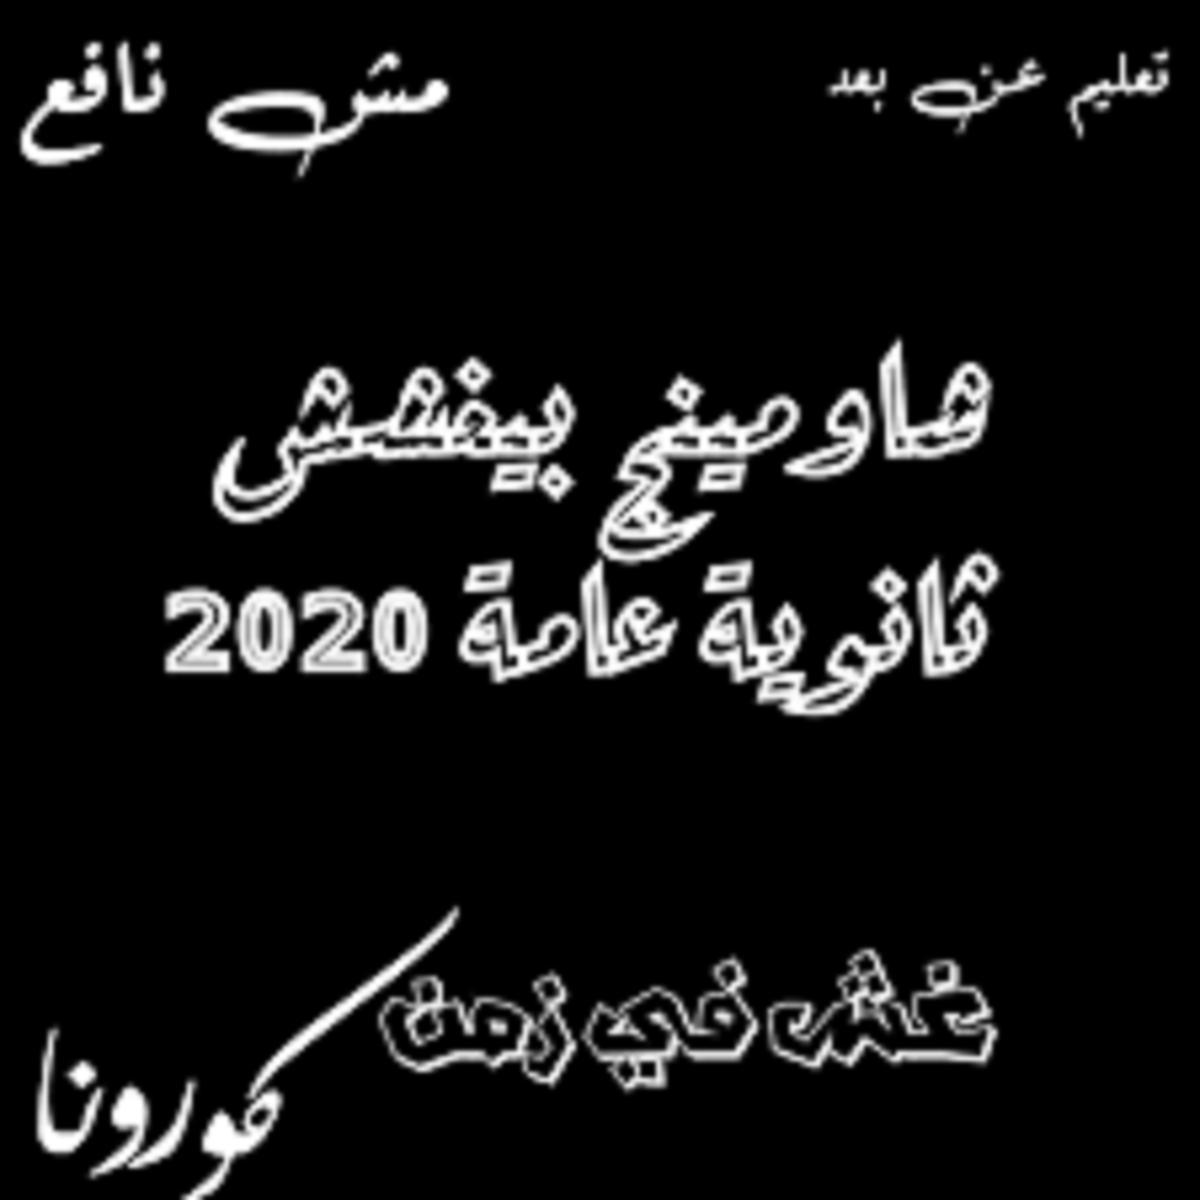 امتحانات الثانوية العامة.. القبض على على أدمن صفحة «شاومنج بيغشش ثانوية عامة 2020»